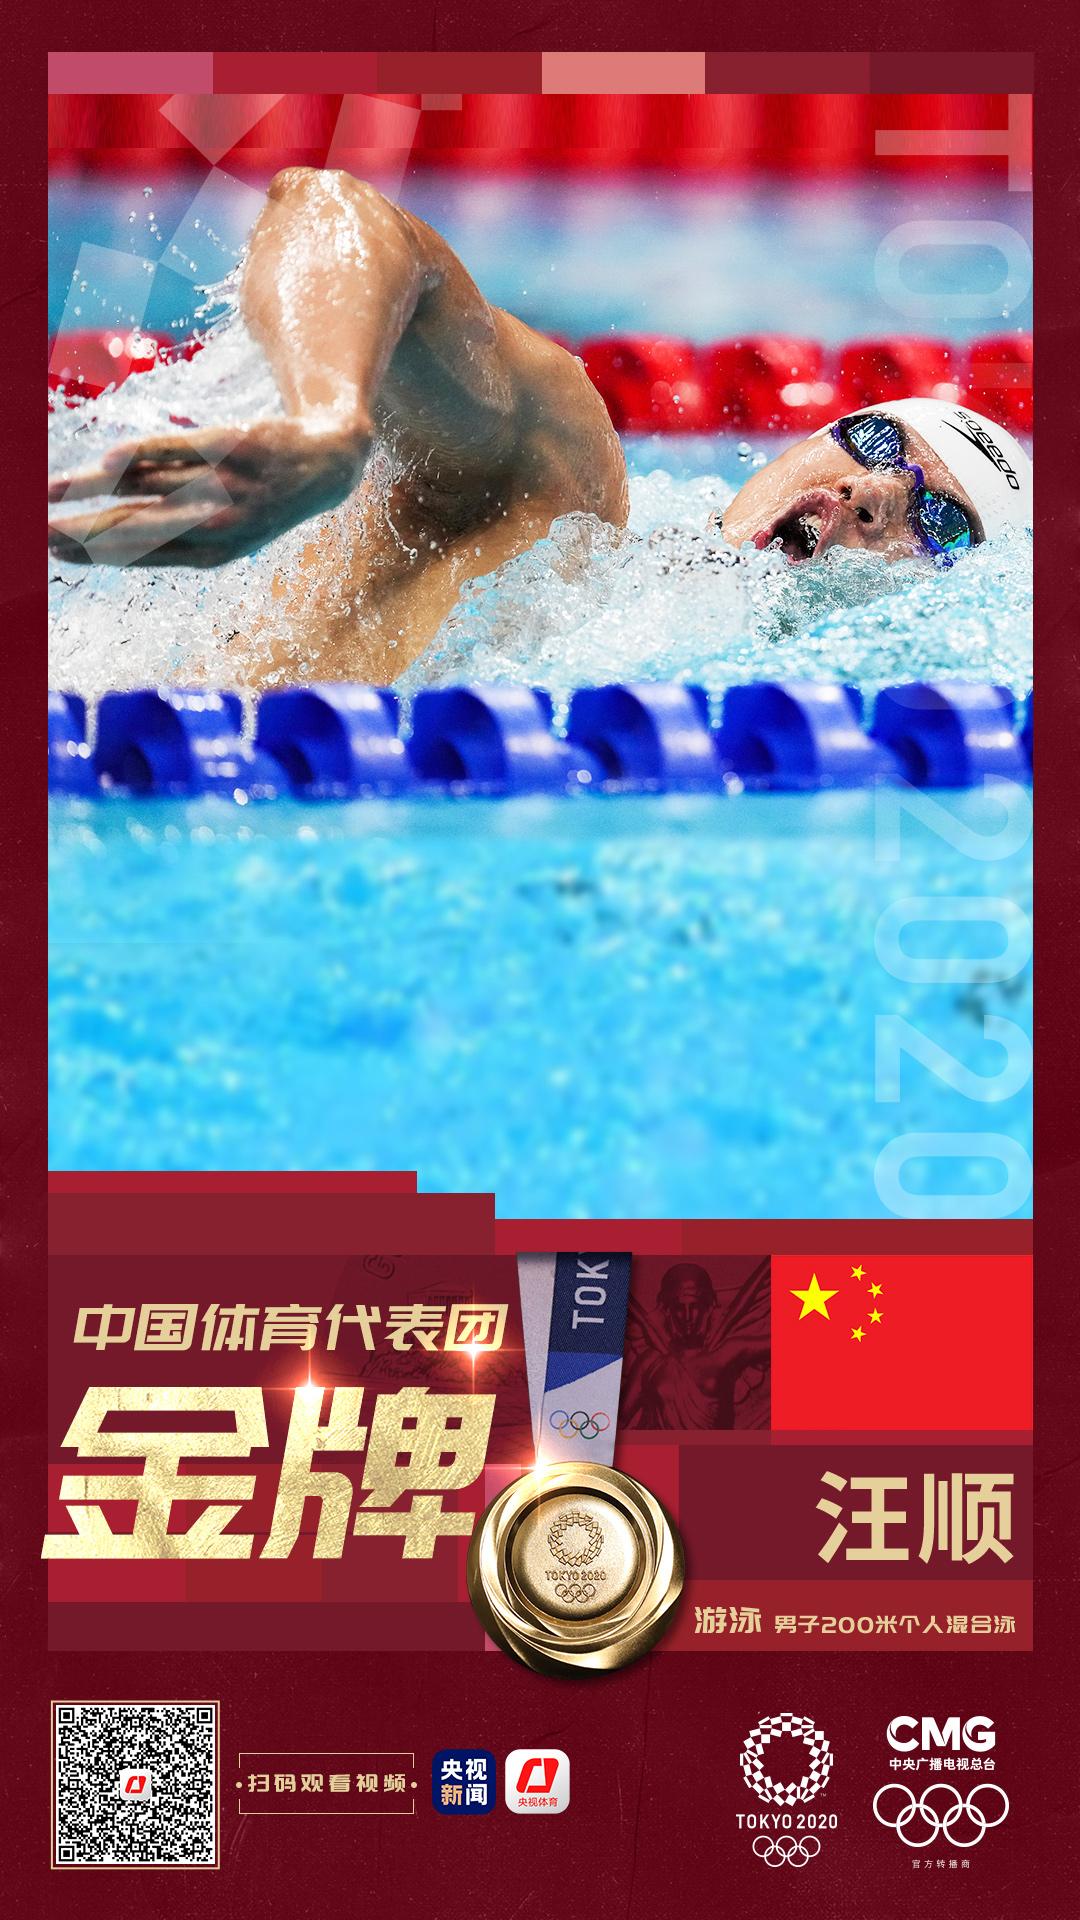 第16金!汪顺夺得游泳男子200米个人混合泳金牌!